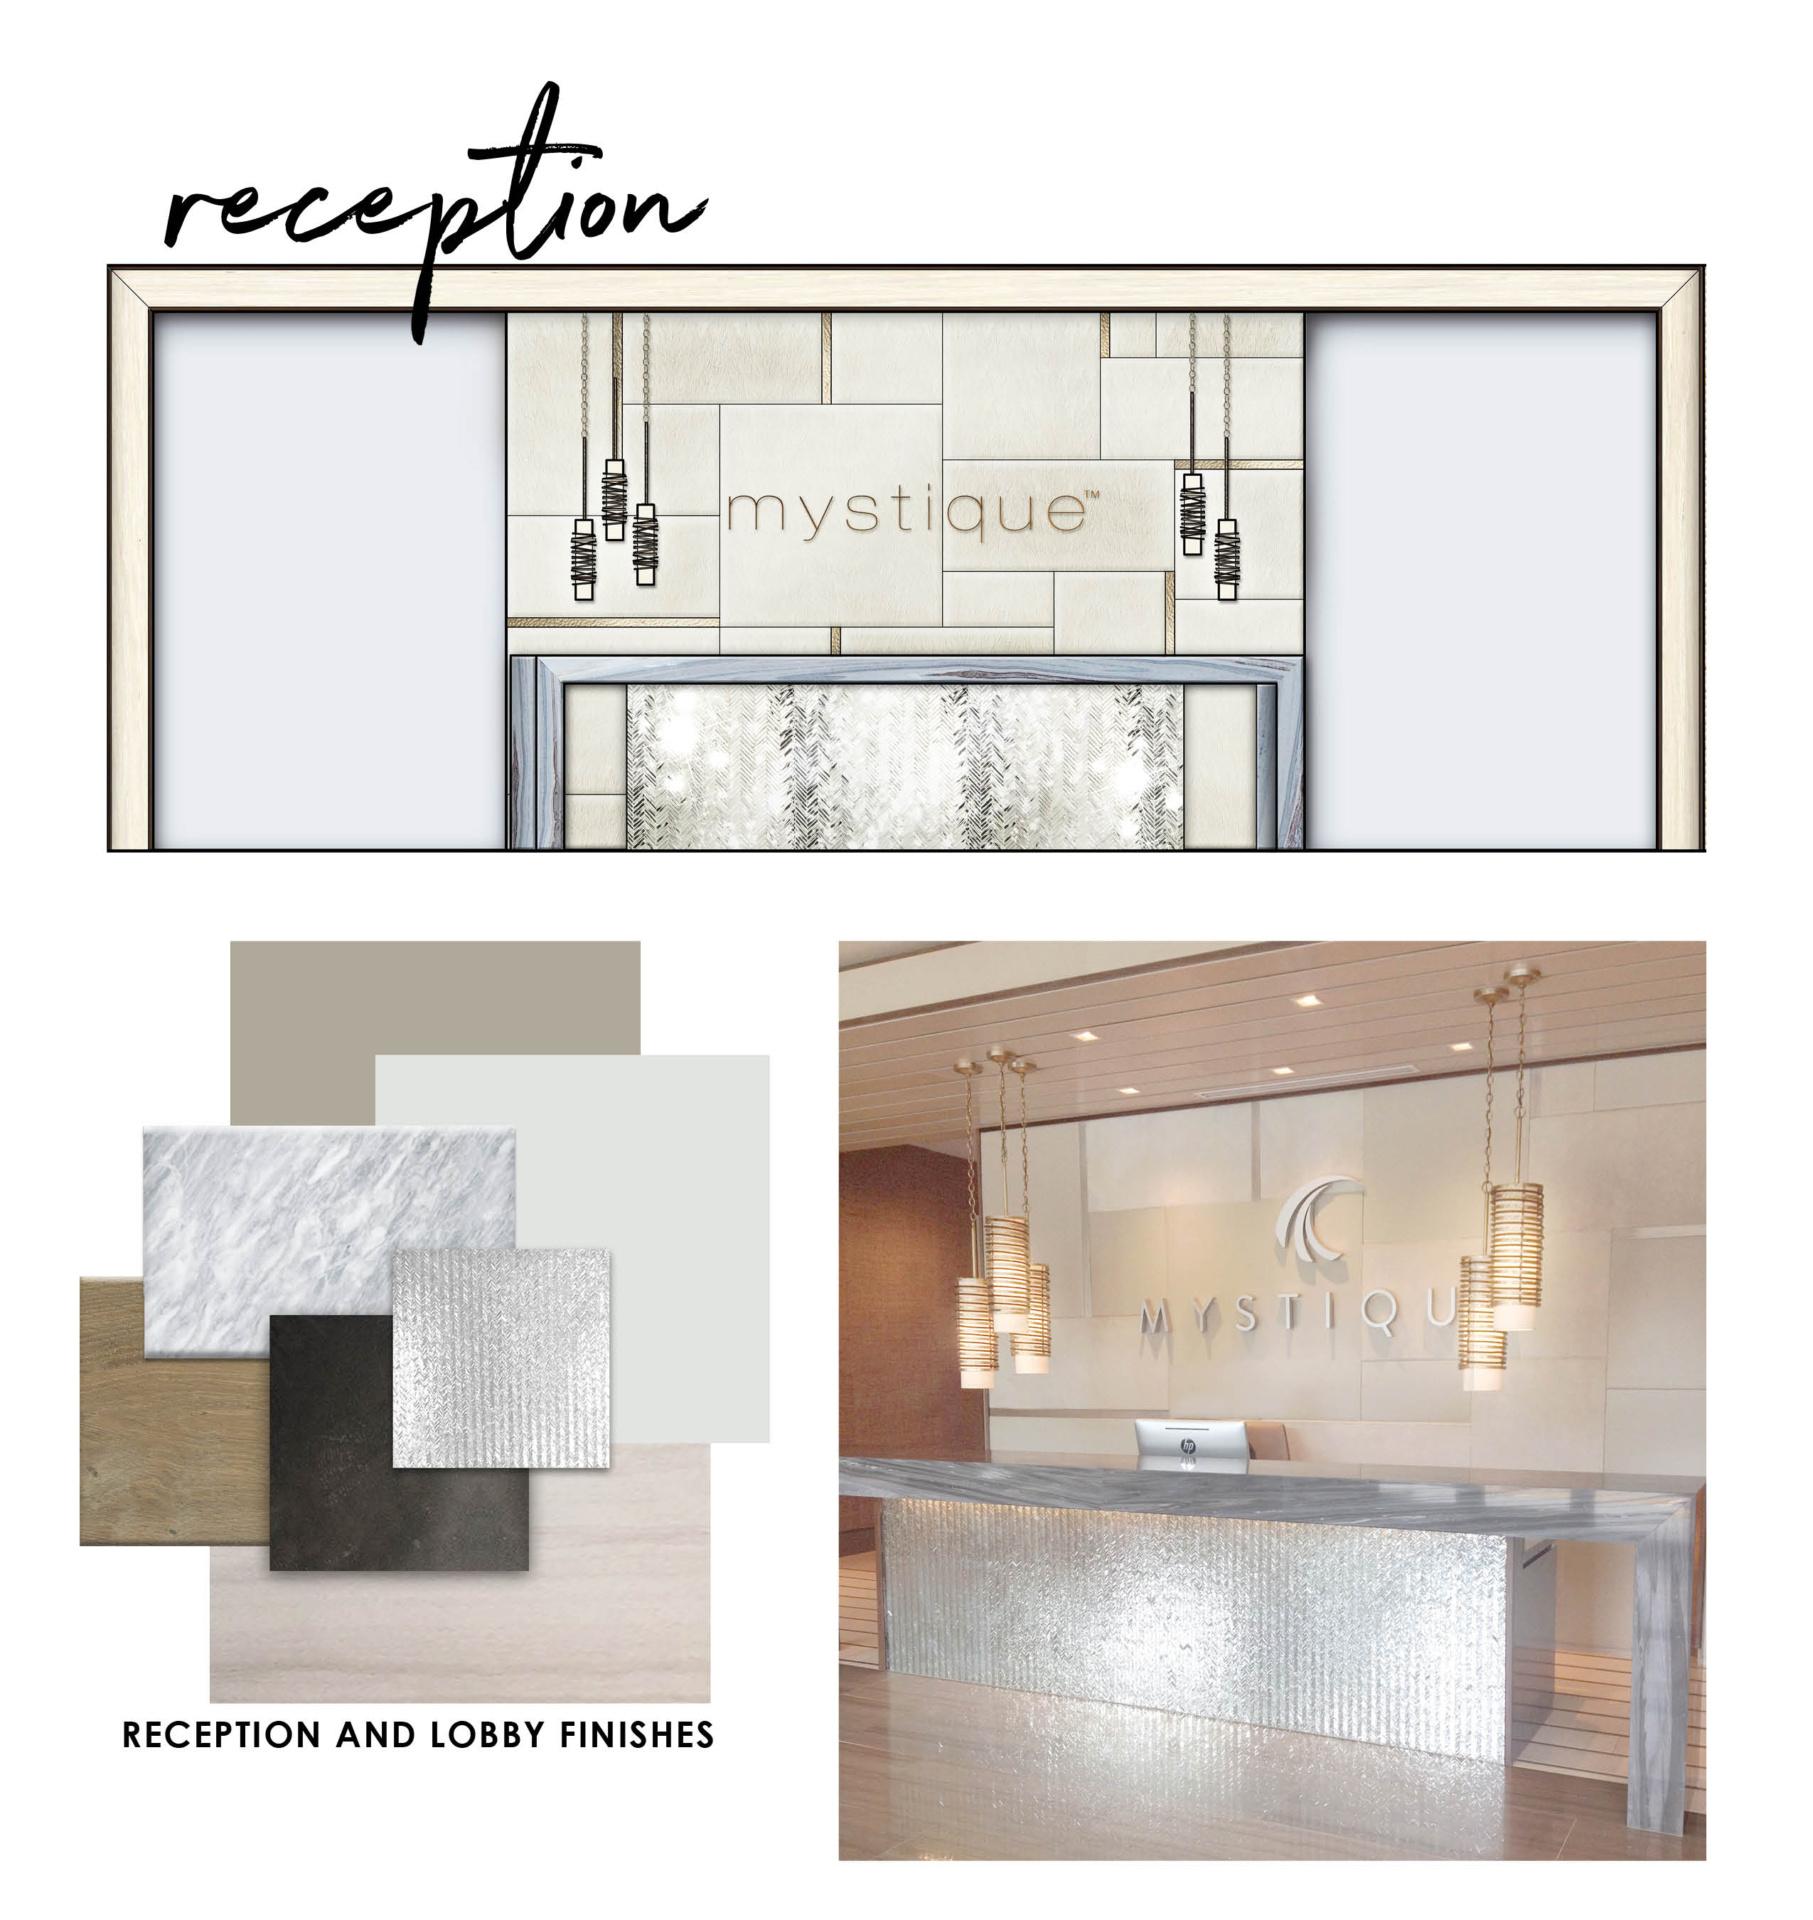 Mystique reception view